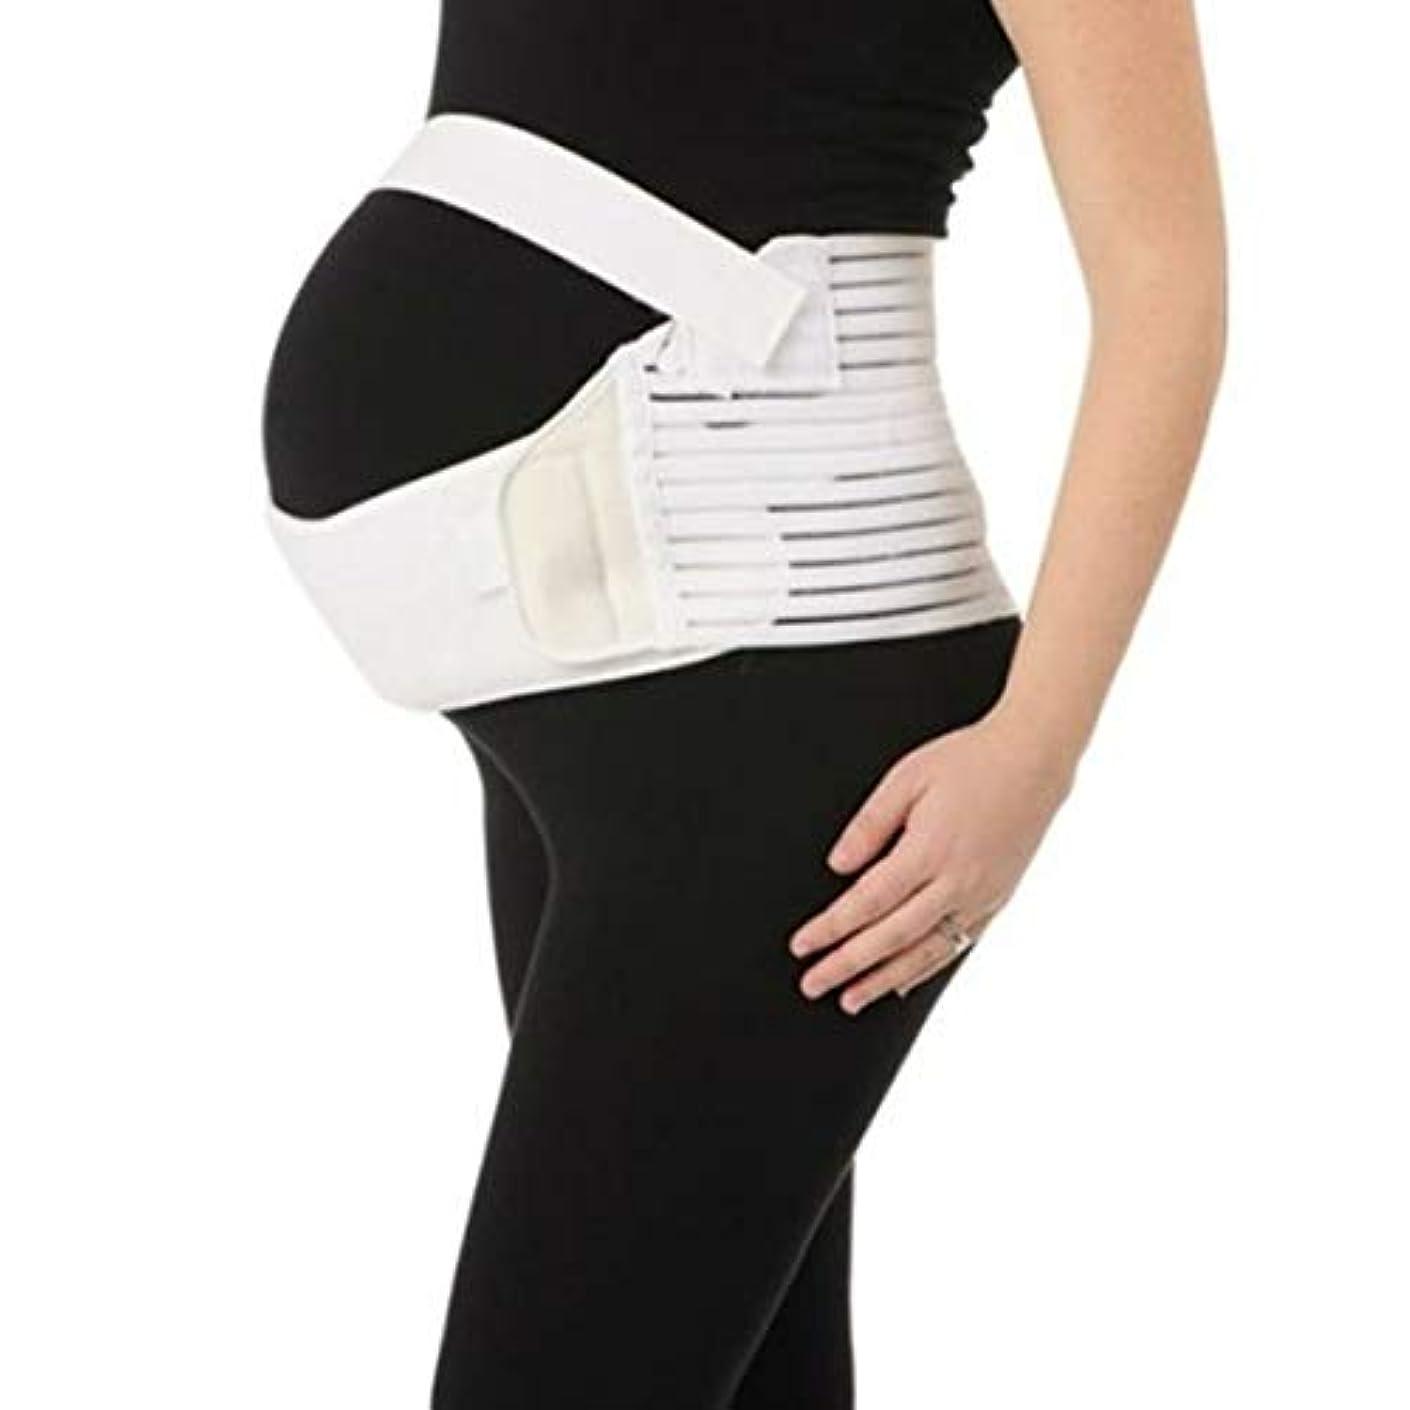 動物アルコール孤児通気性マタニティベルト妊娠腹部サポート腹部バインダーガードル運動包帯産後の回復shapewear - ホワイトL